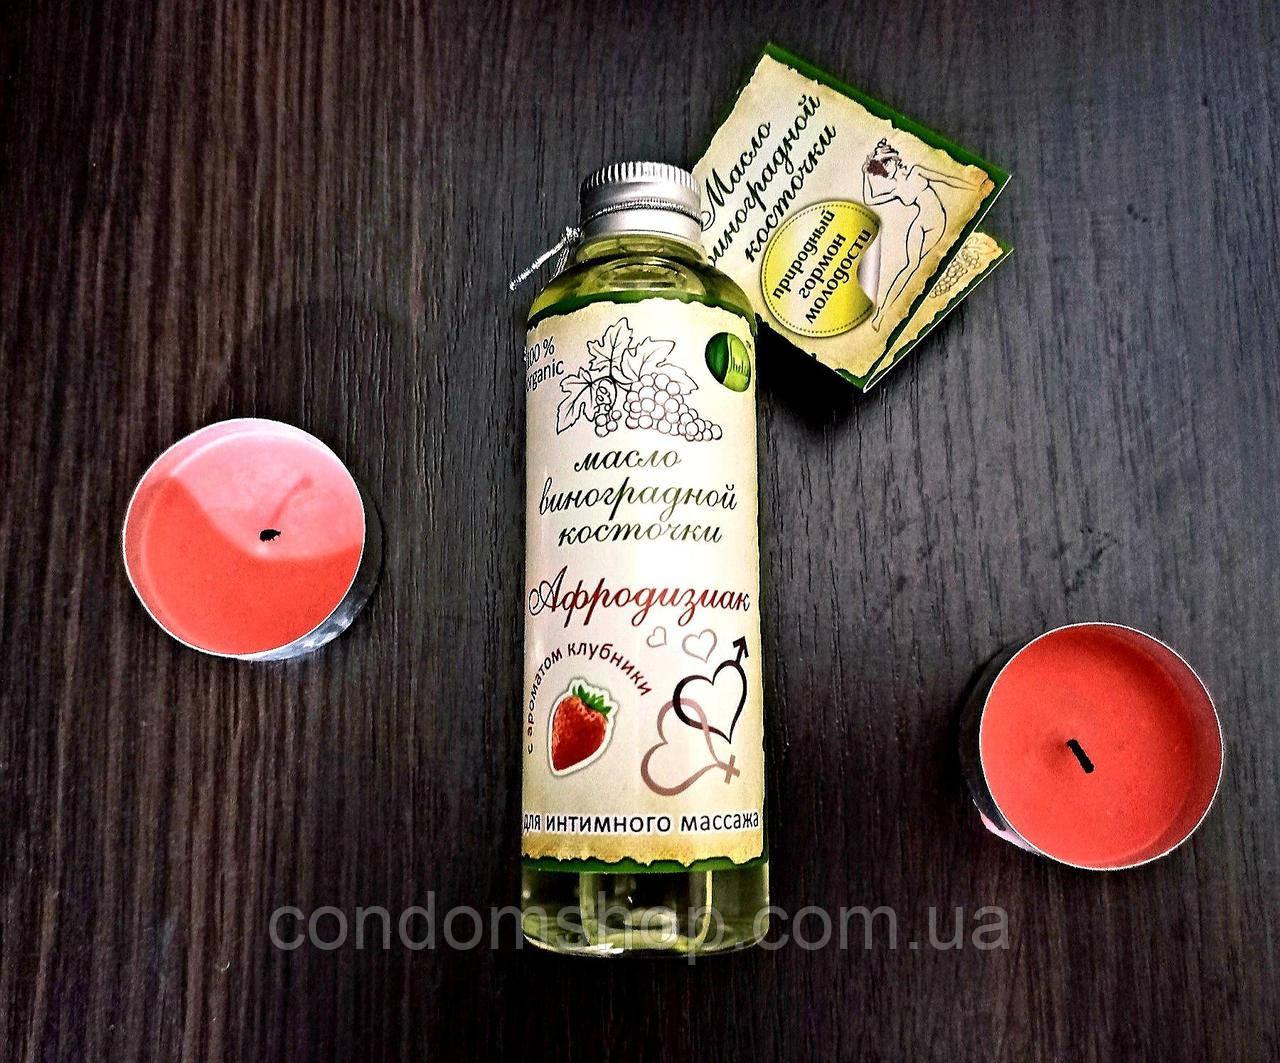 Масло для інтимного масажу Афродизіак шелсі Shelsy 100 мл полуниця.100% organic